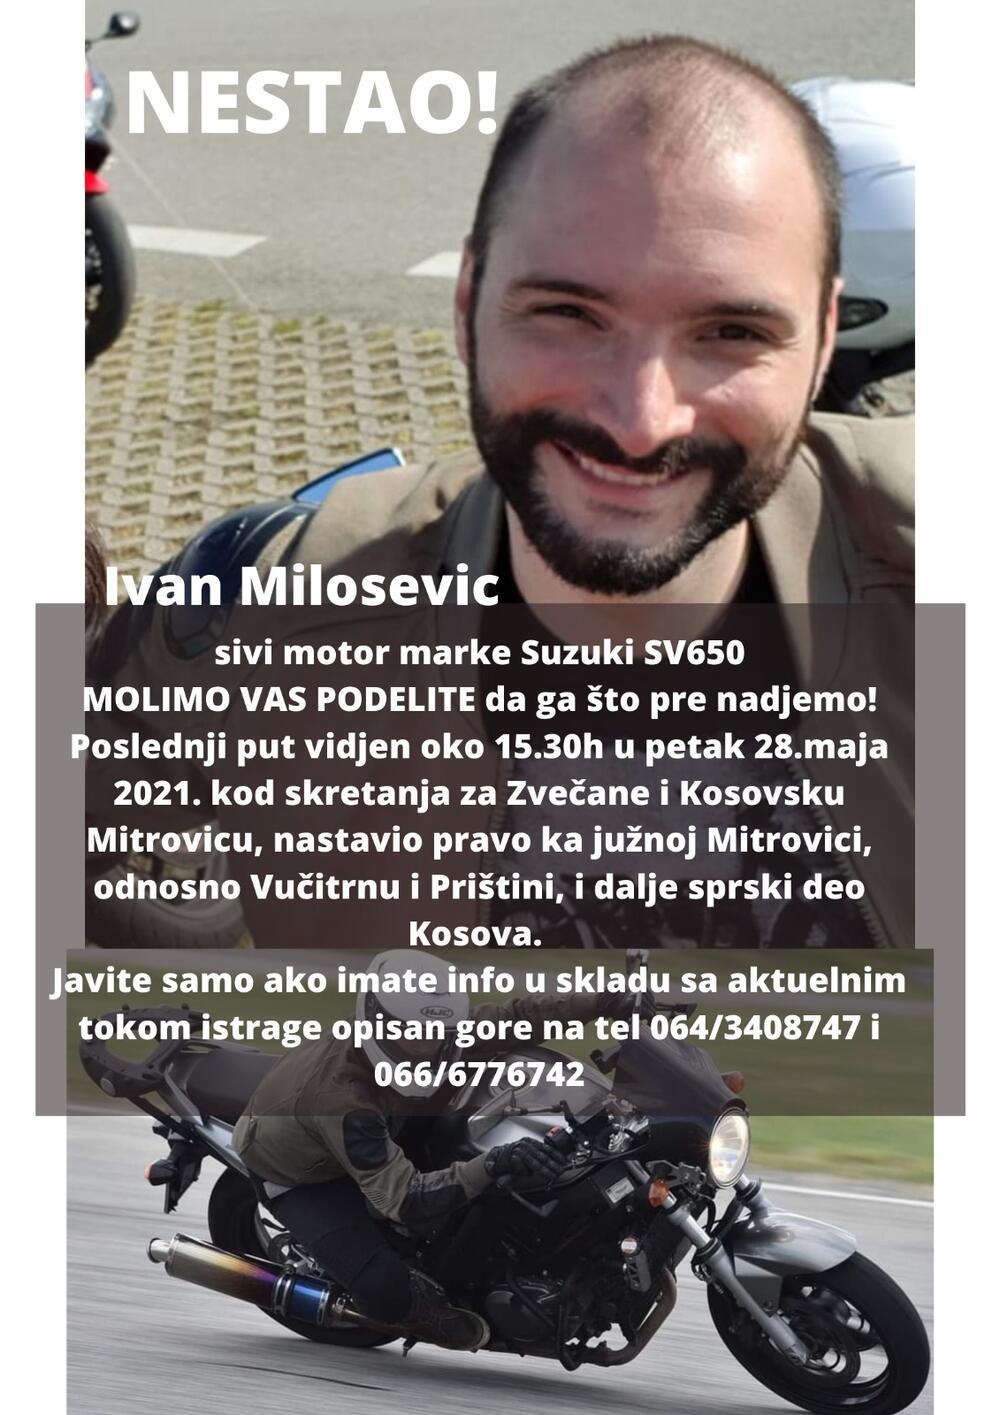 Ivan Milošević